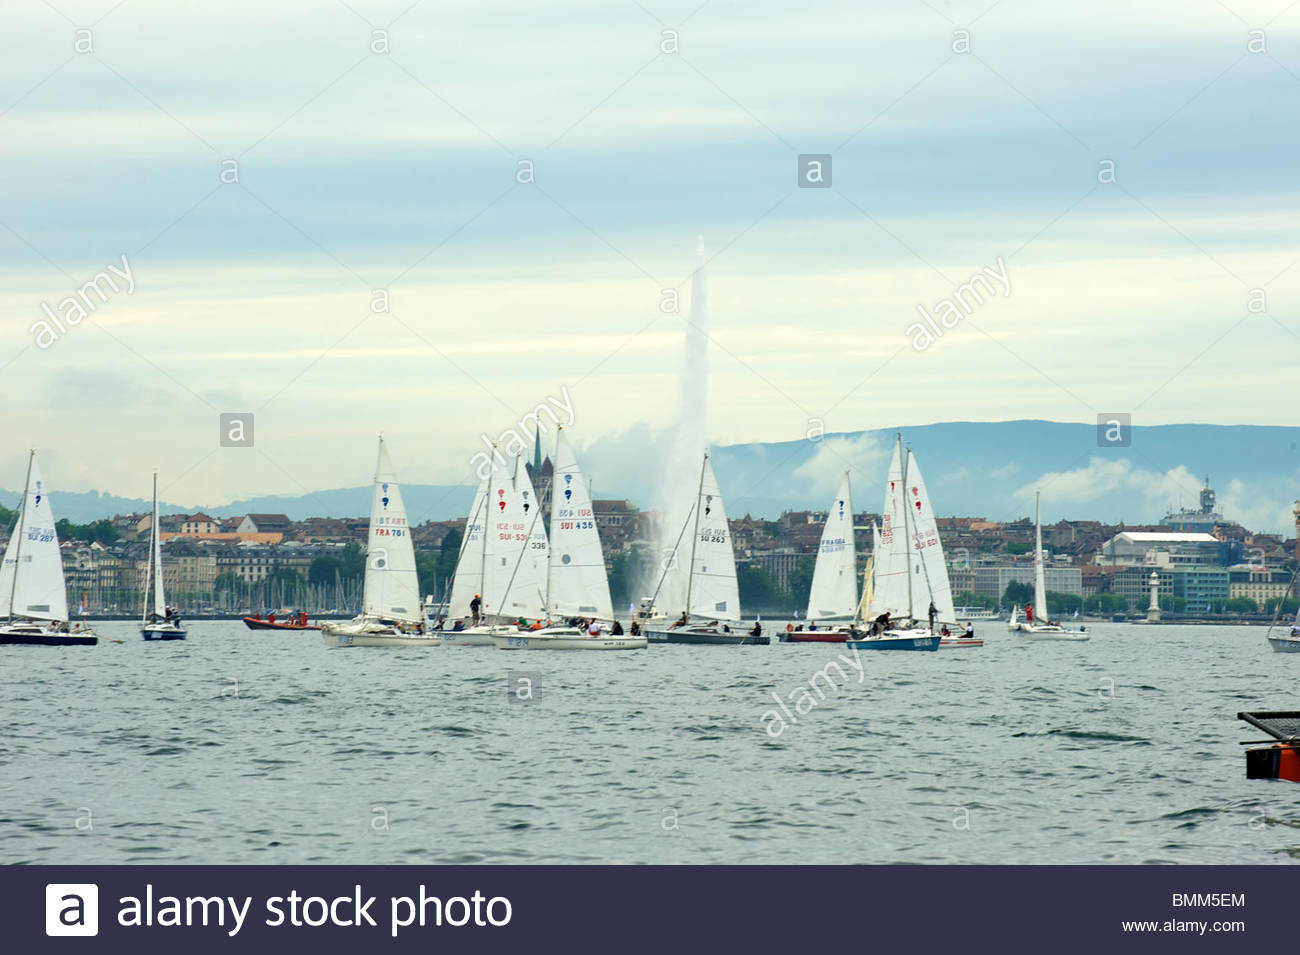 Genève, Suisse, 12 juin 2010: Le Bol d'or. Le Bol d'Or est le plus grand lac d'Europe avec Photo Stock